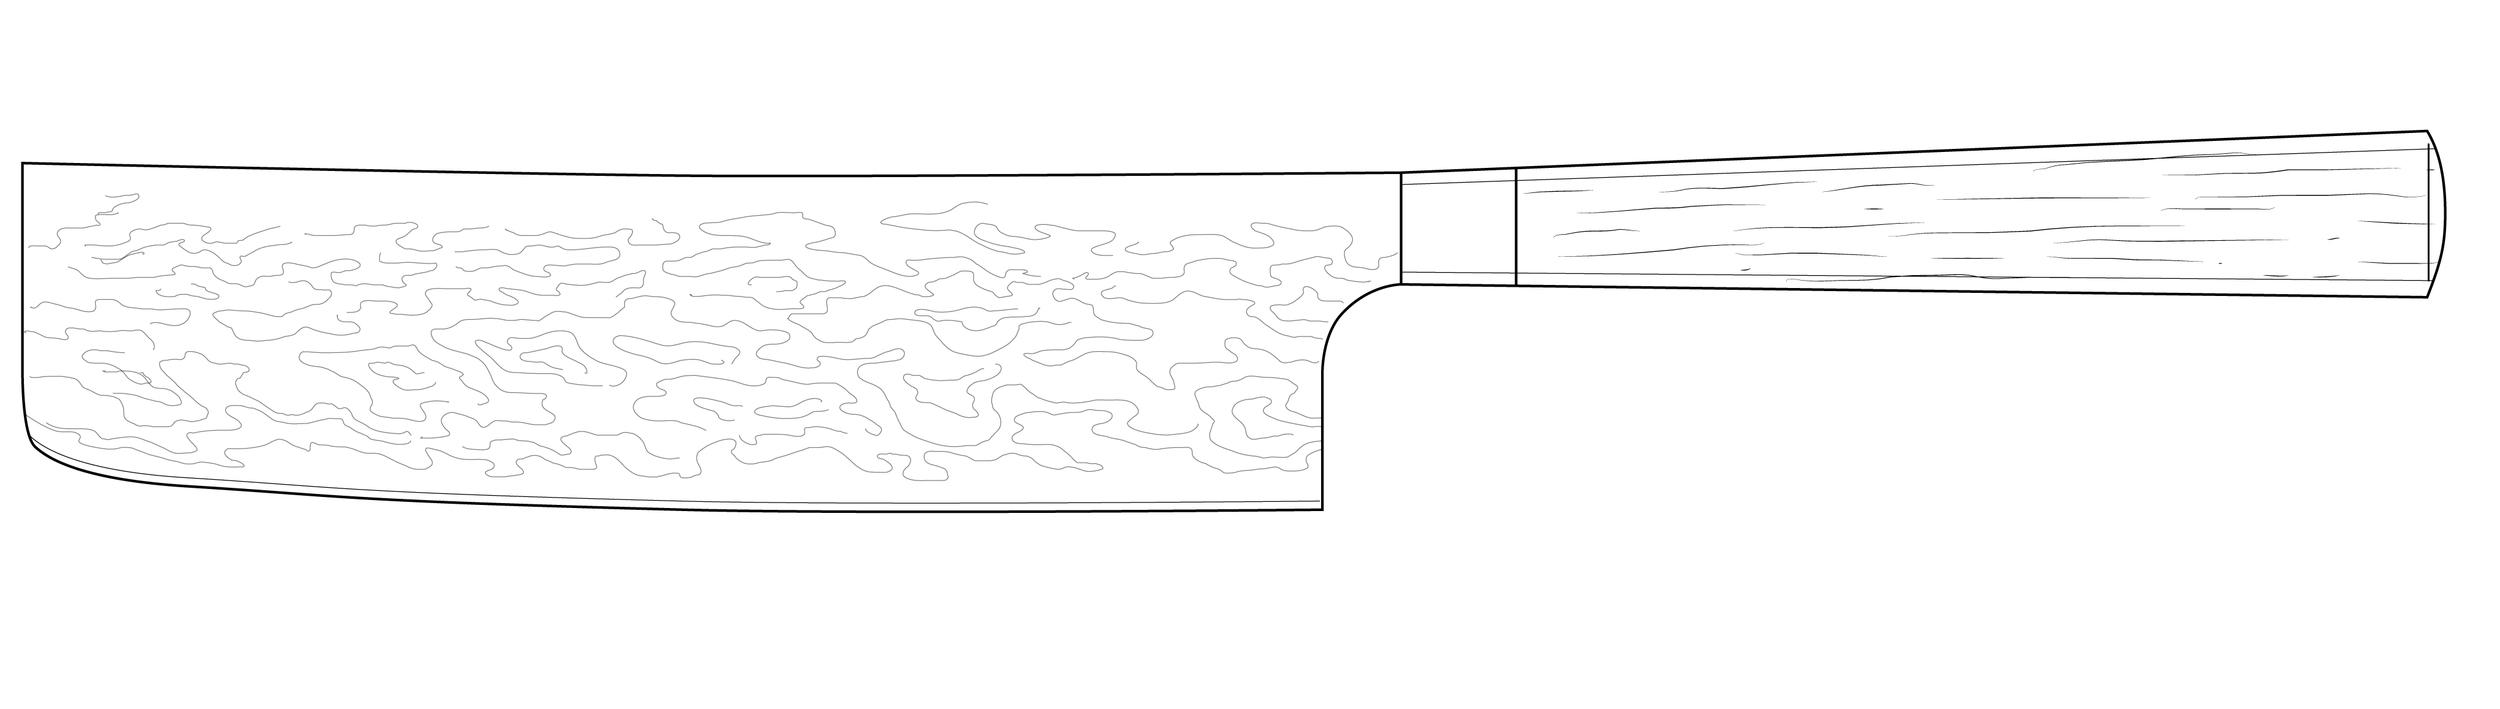 hand drawn nakiri, 1.jpg